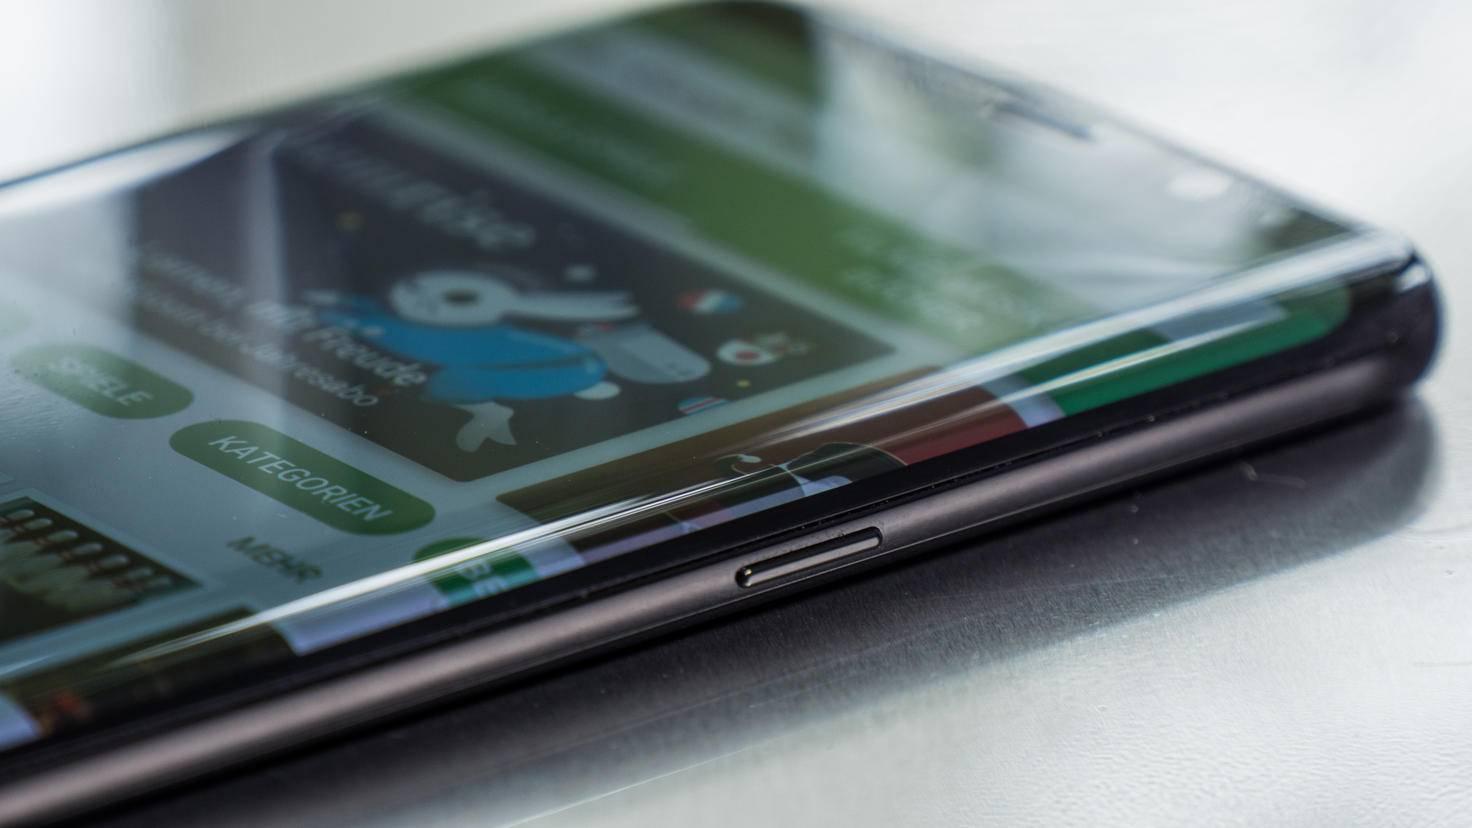 Beide Varianten des Galaxy S8 besitzen einen Curved-Screen, der fast ohne Ränder auskommt.